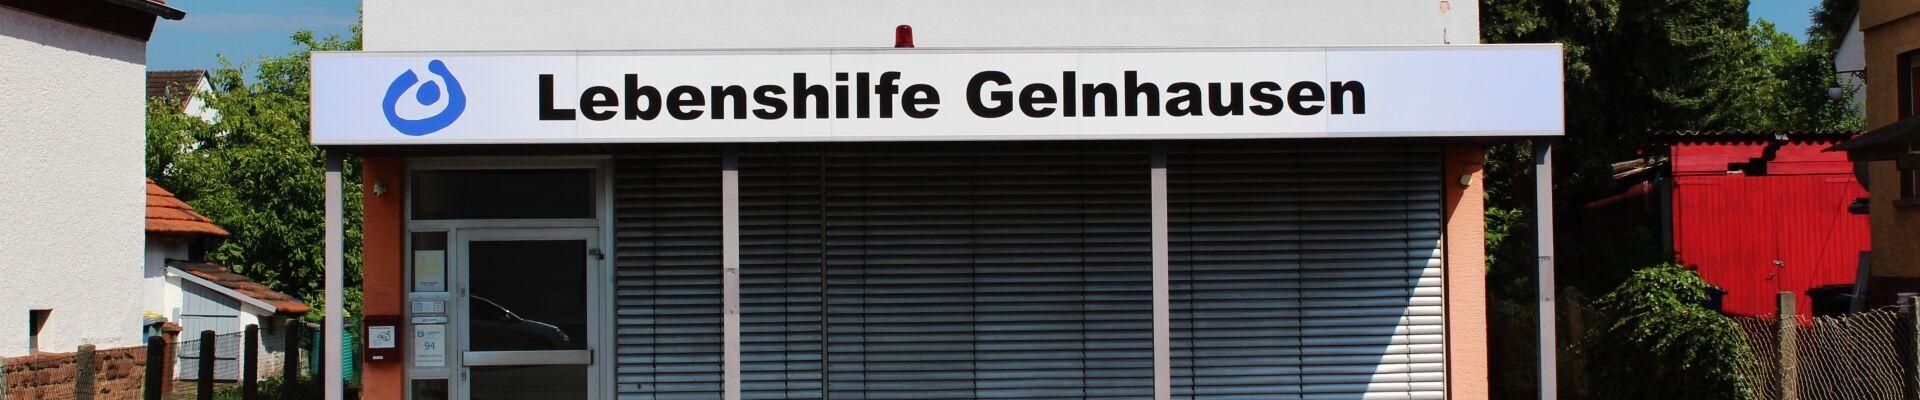 Das Lebenshilfe-Haus in Linsengericht-Altenhaßlau